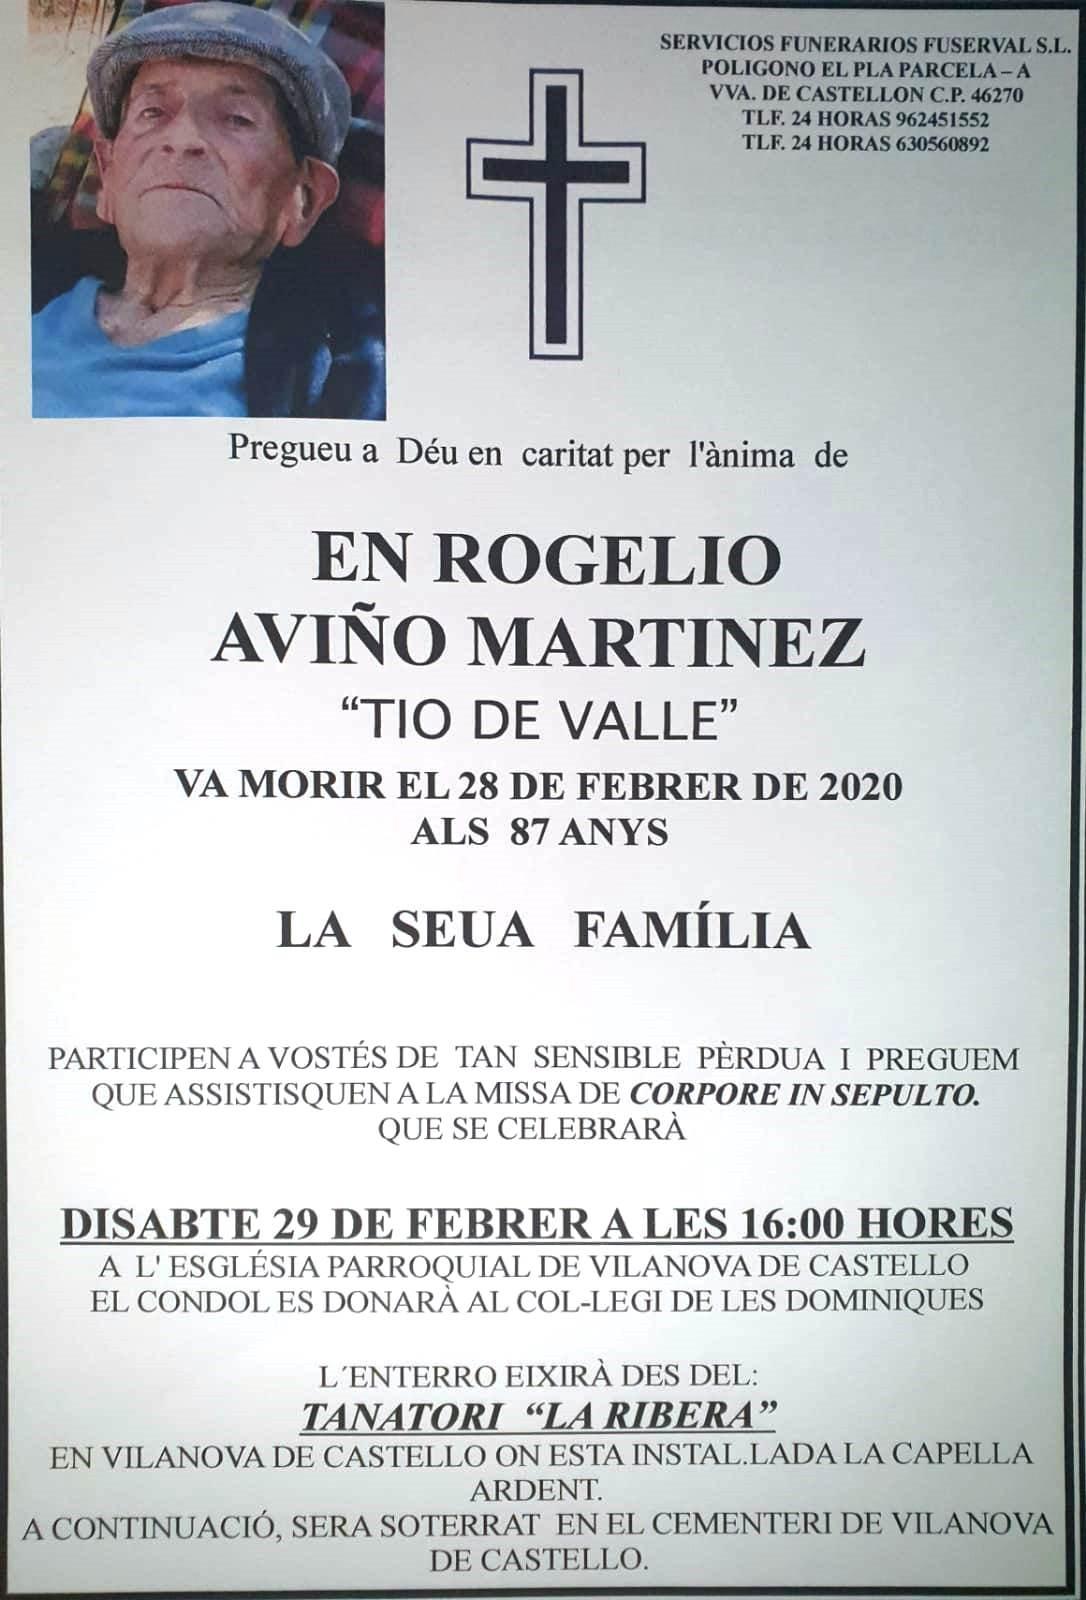 ROGELIO AVIÑO MARTINEZ